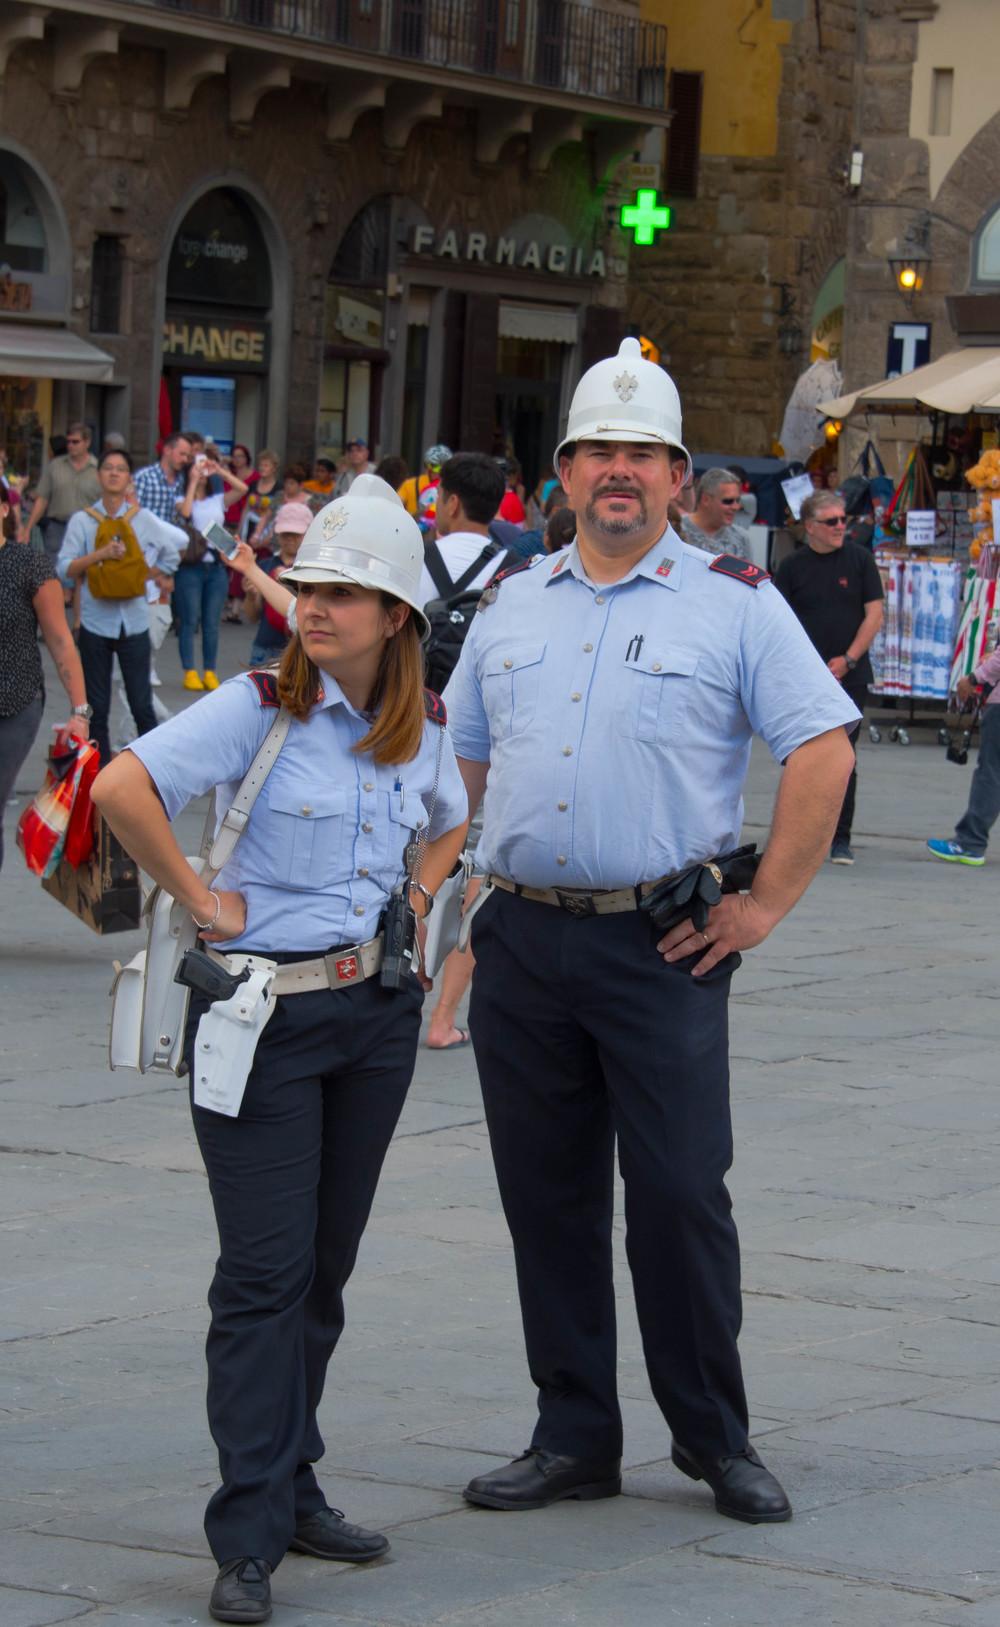 Må ikke være atlet for å være politi i Firenze